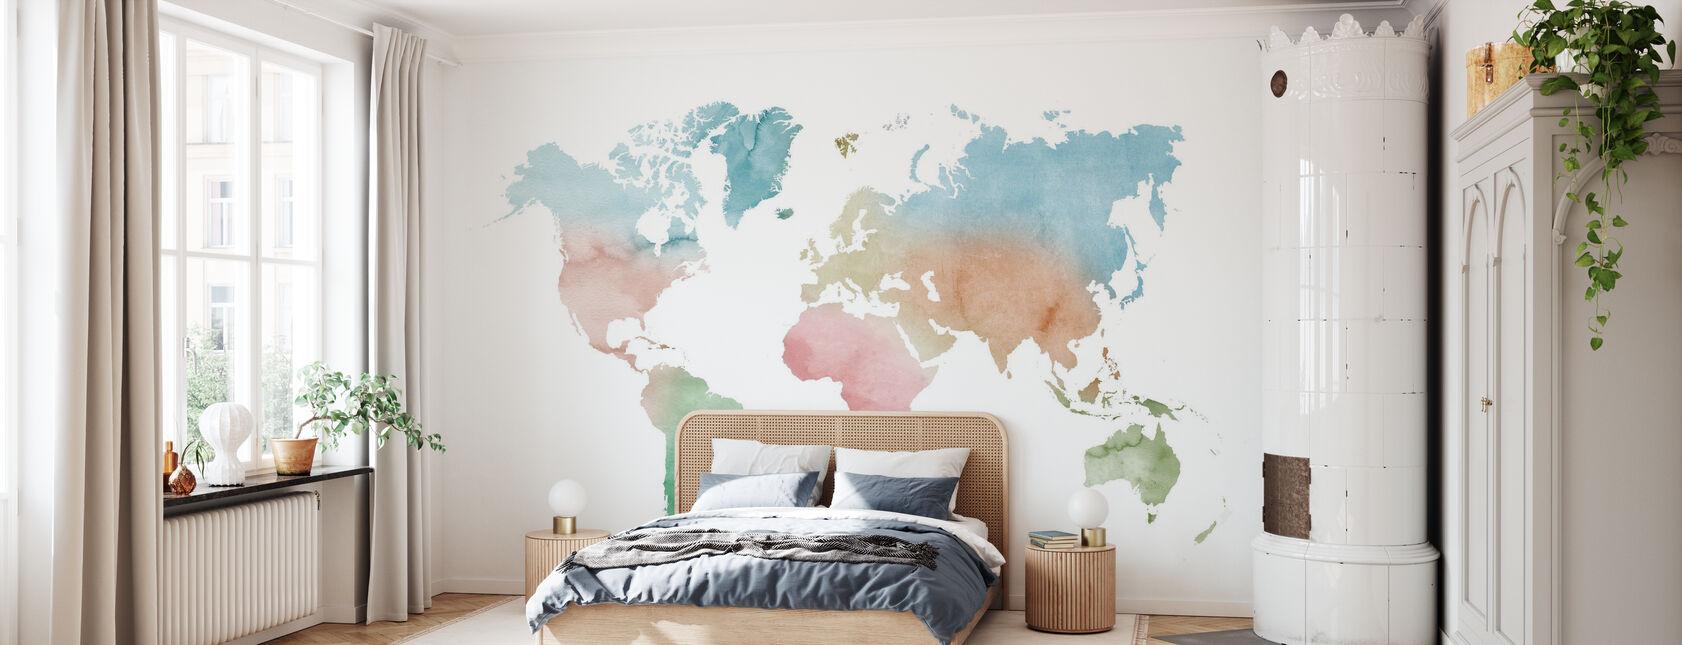 Akvarell verden pastellfarger - Tapet - Soverom